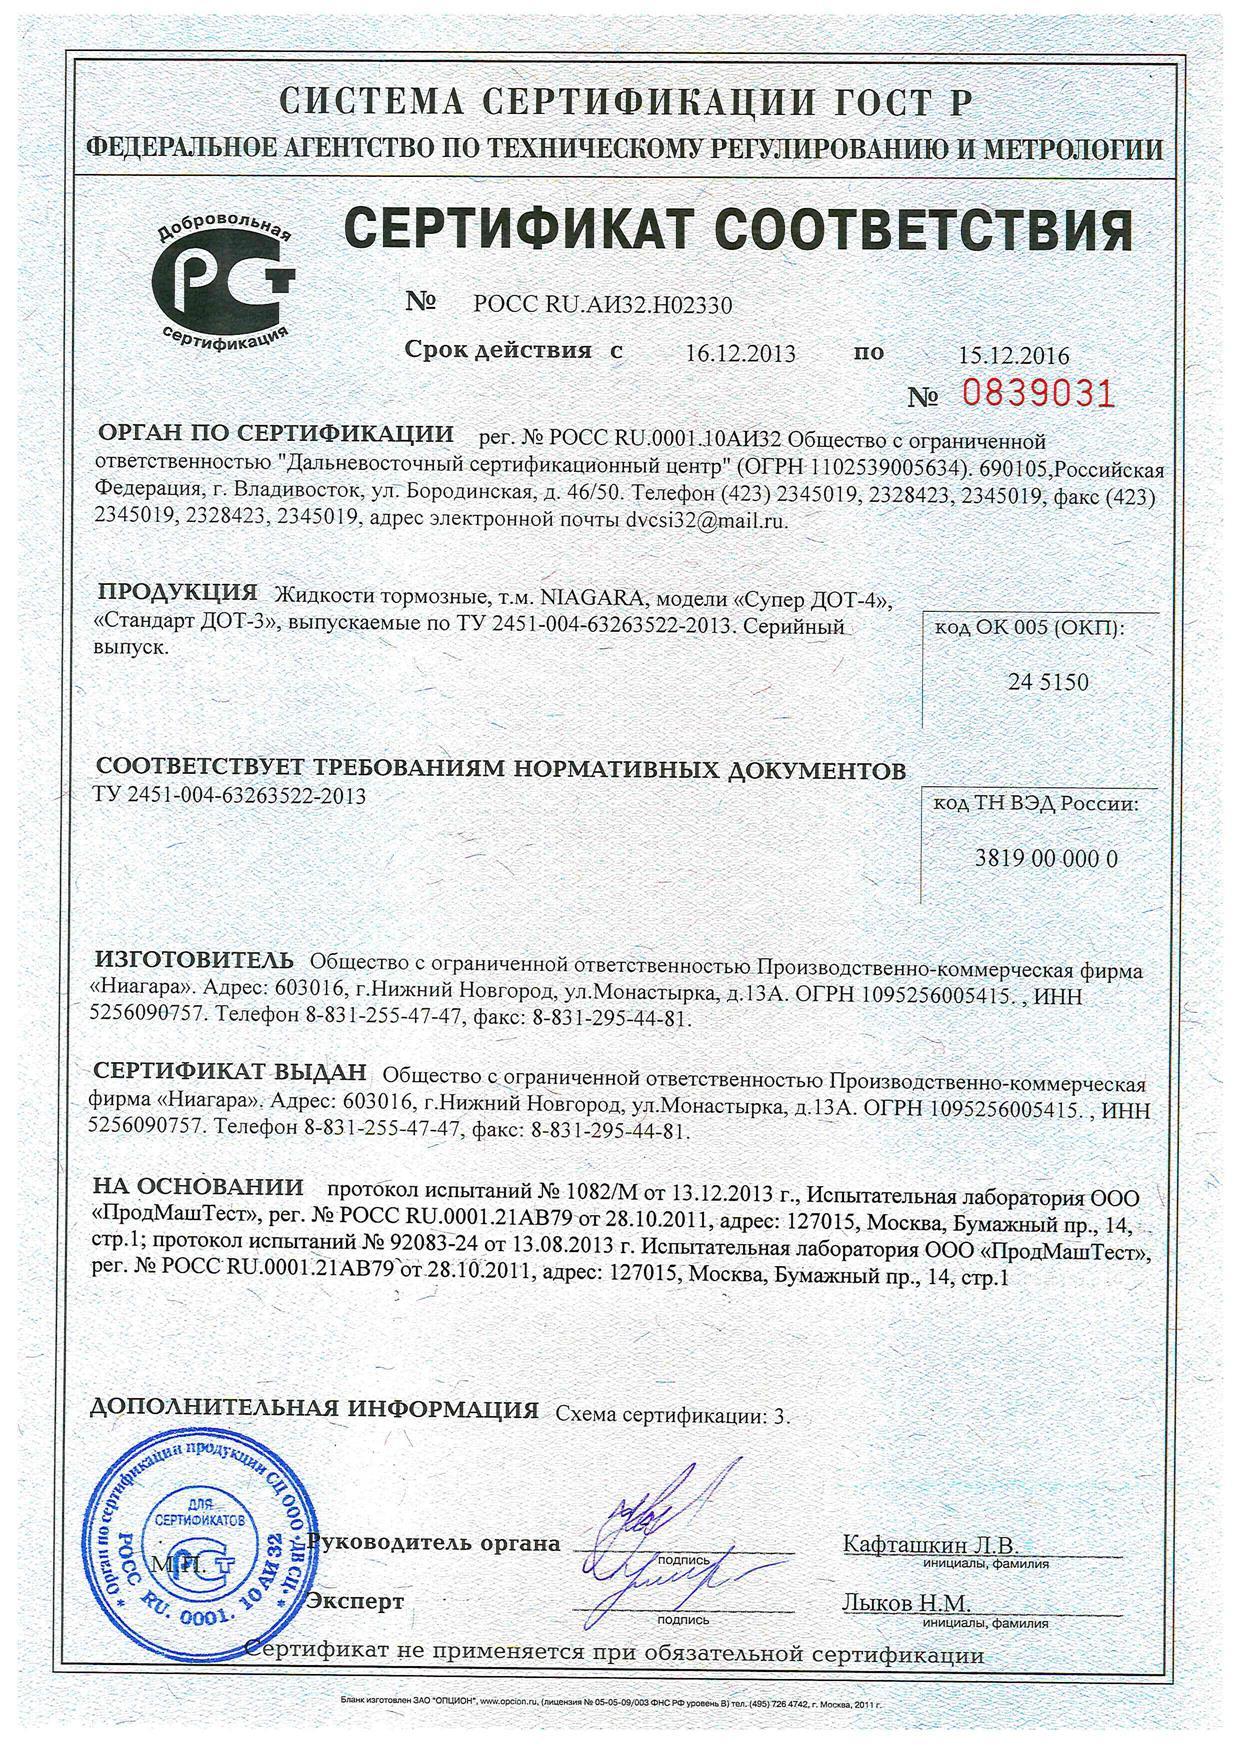 Сертификат соответствия на тормозную жидкость